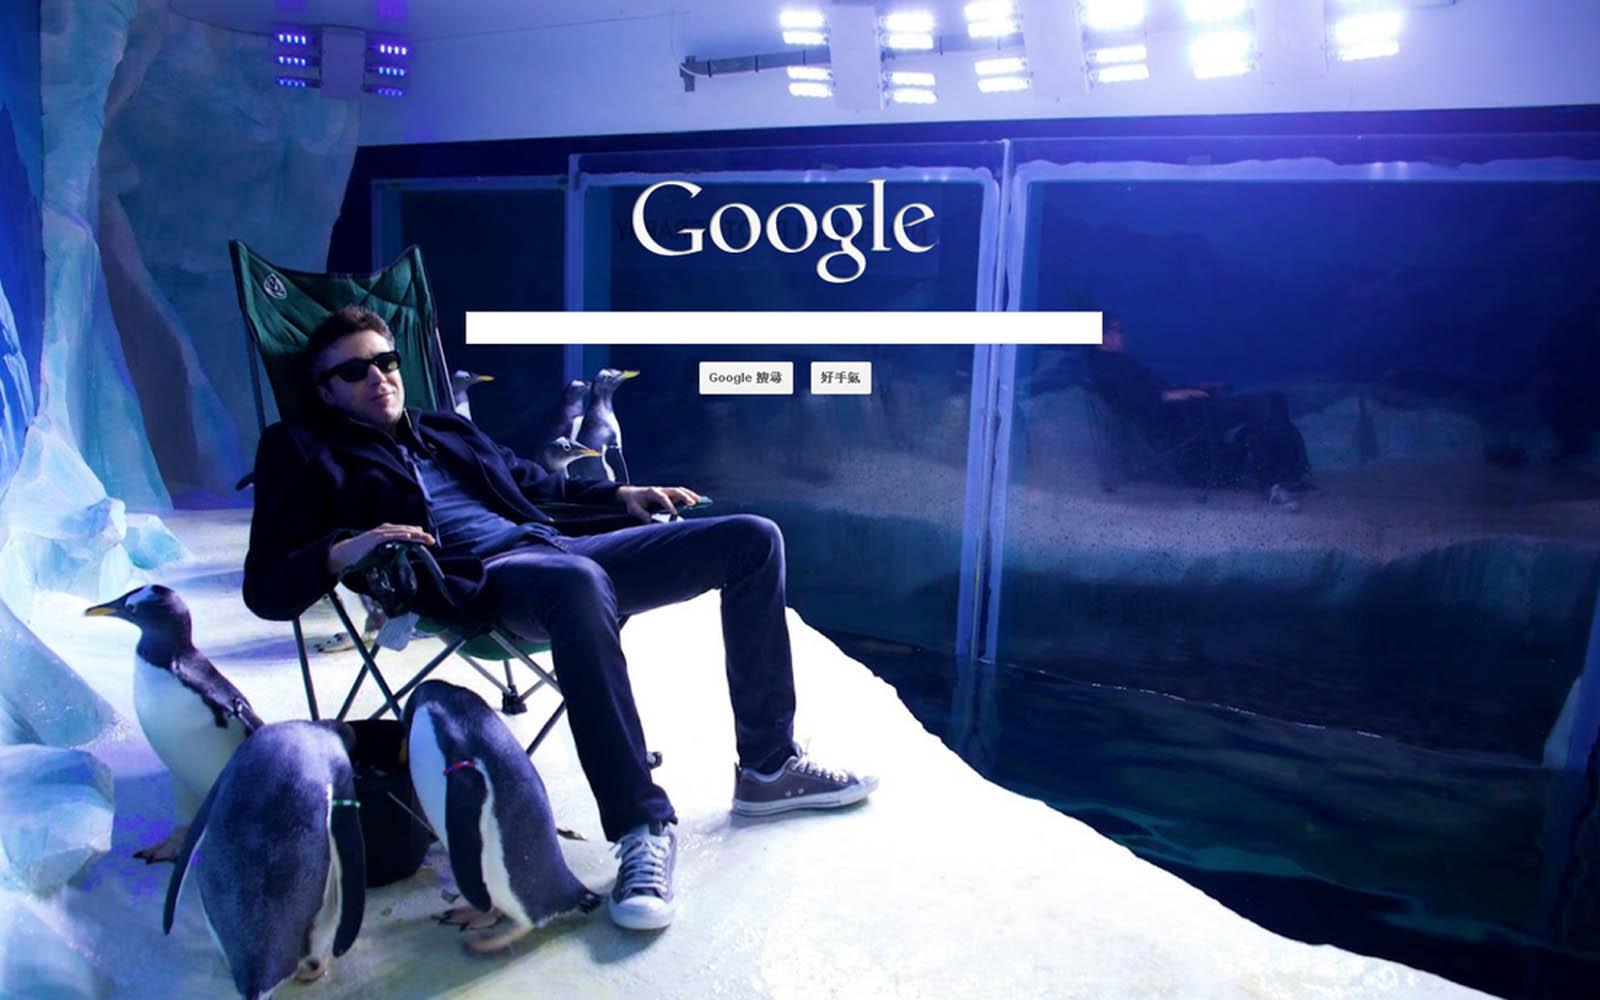 http://2.bp.blogspot.com/-hBWgGon4SjE/UNc36ifDwfI/AAAAAAAAP1w/K1e3Ty4attQ/s1600/Google+Desktop+Backgrounds.jpg